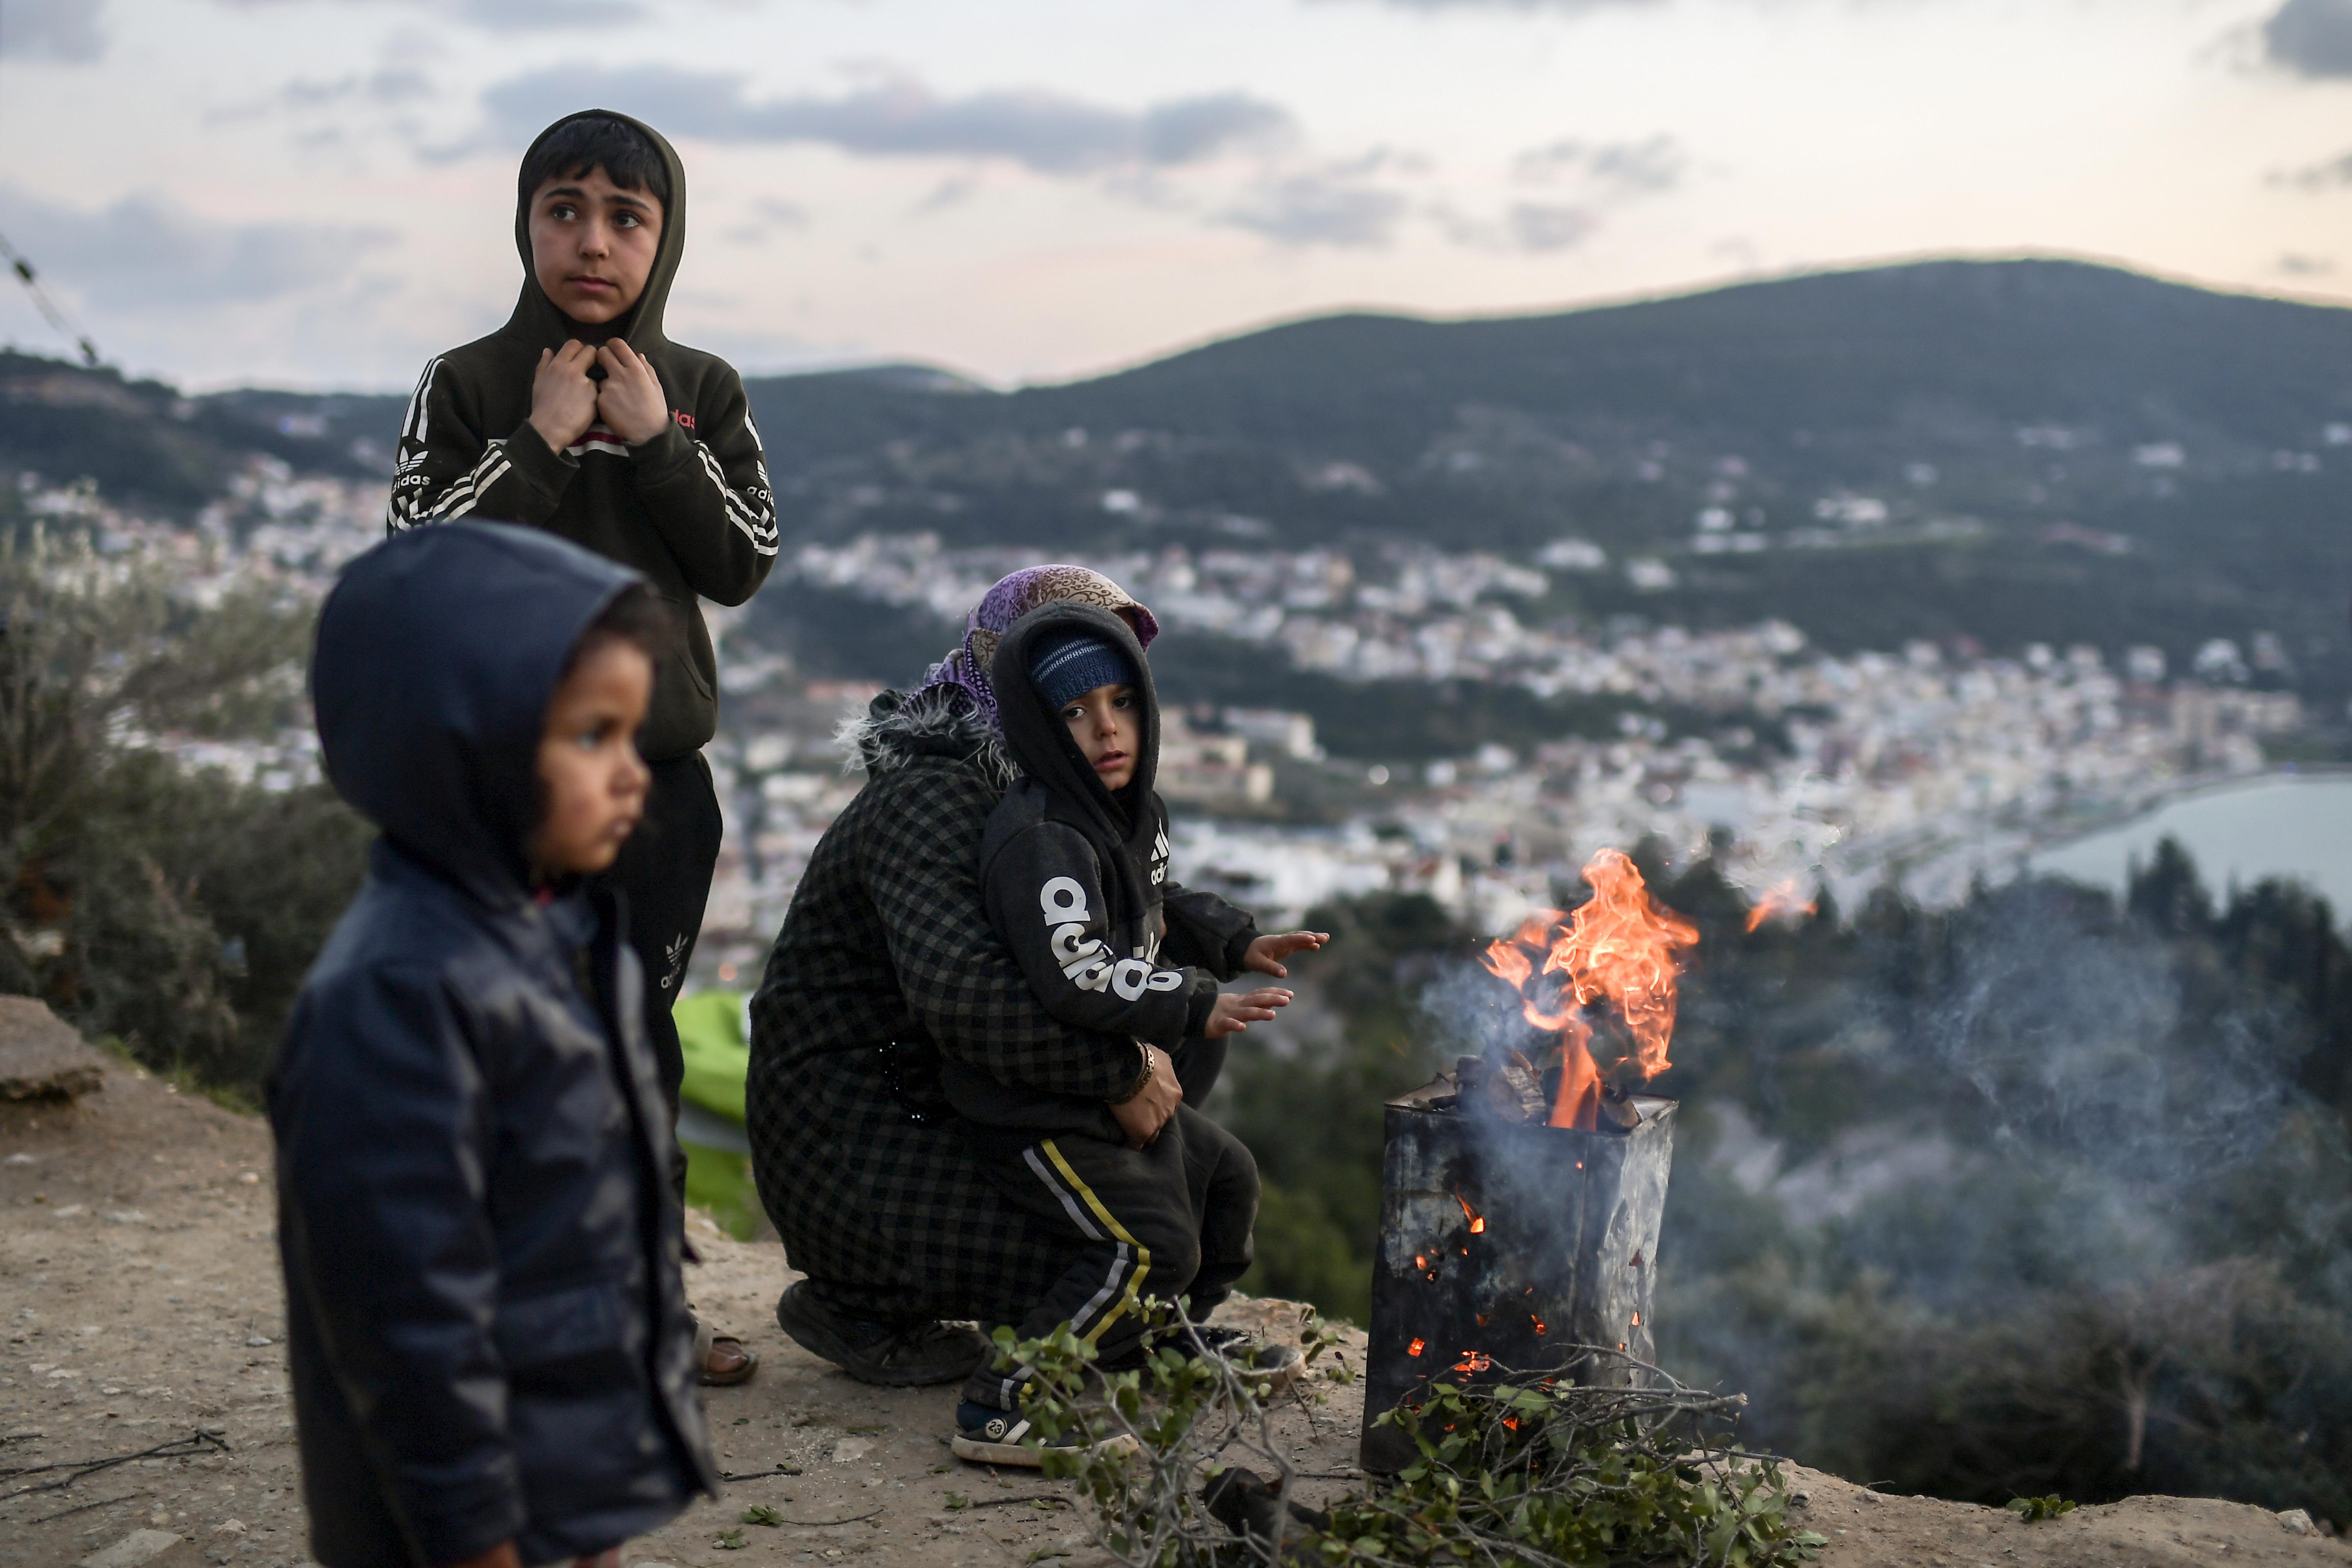 Európai Menekültügyi Hivatal: 43 százalékkal esett a menedékkérelmek száma a járvány hatására